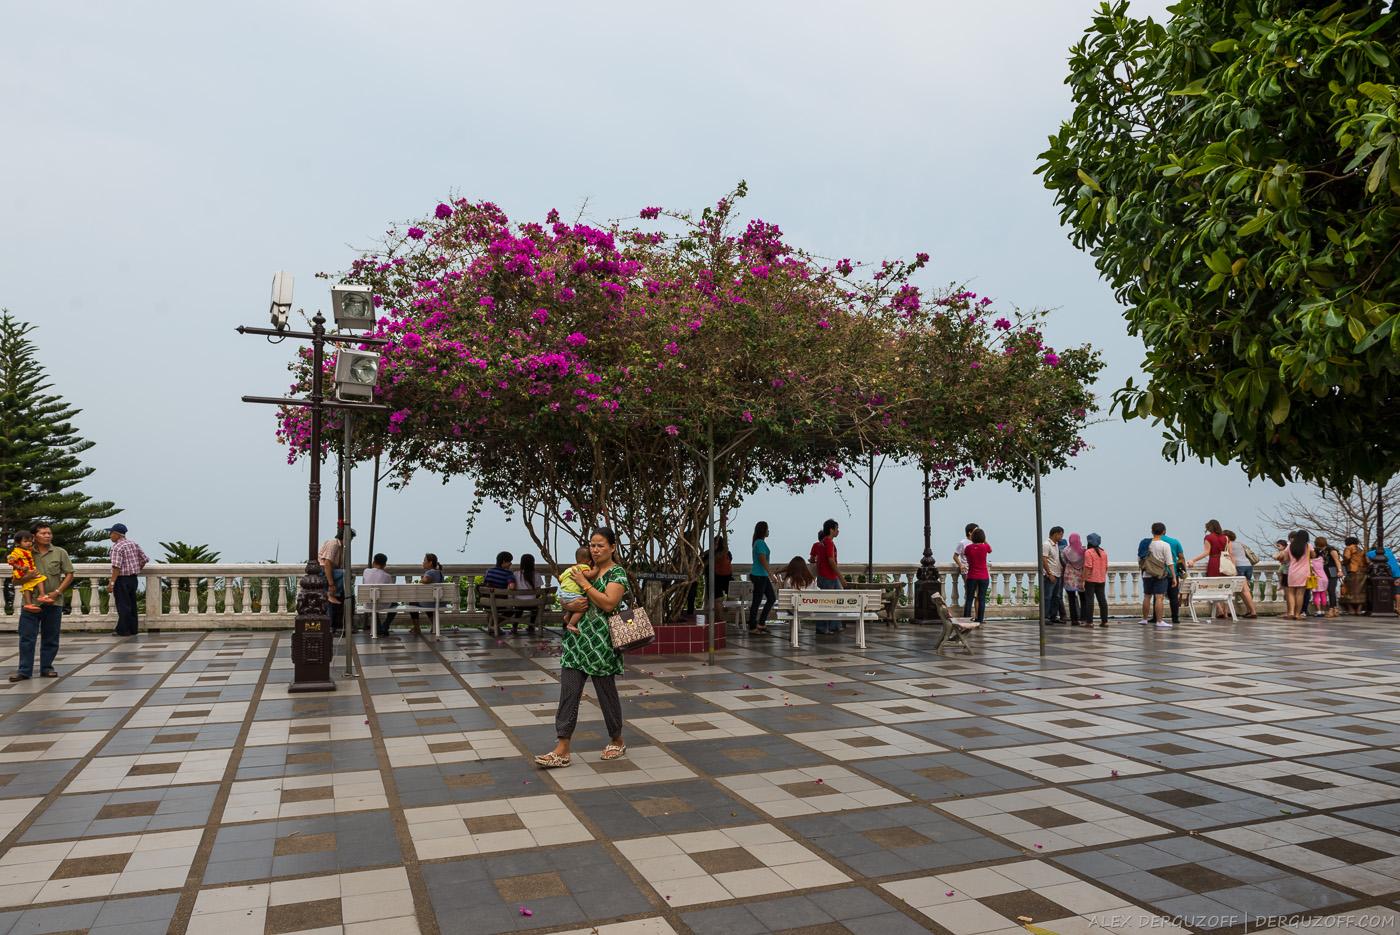 Обзорная площадка Ват Прахат Дой Сутхеп